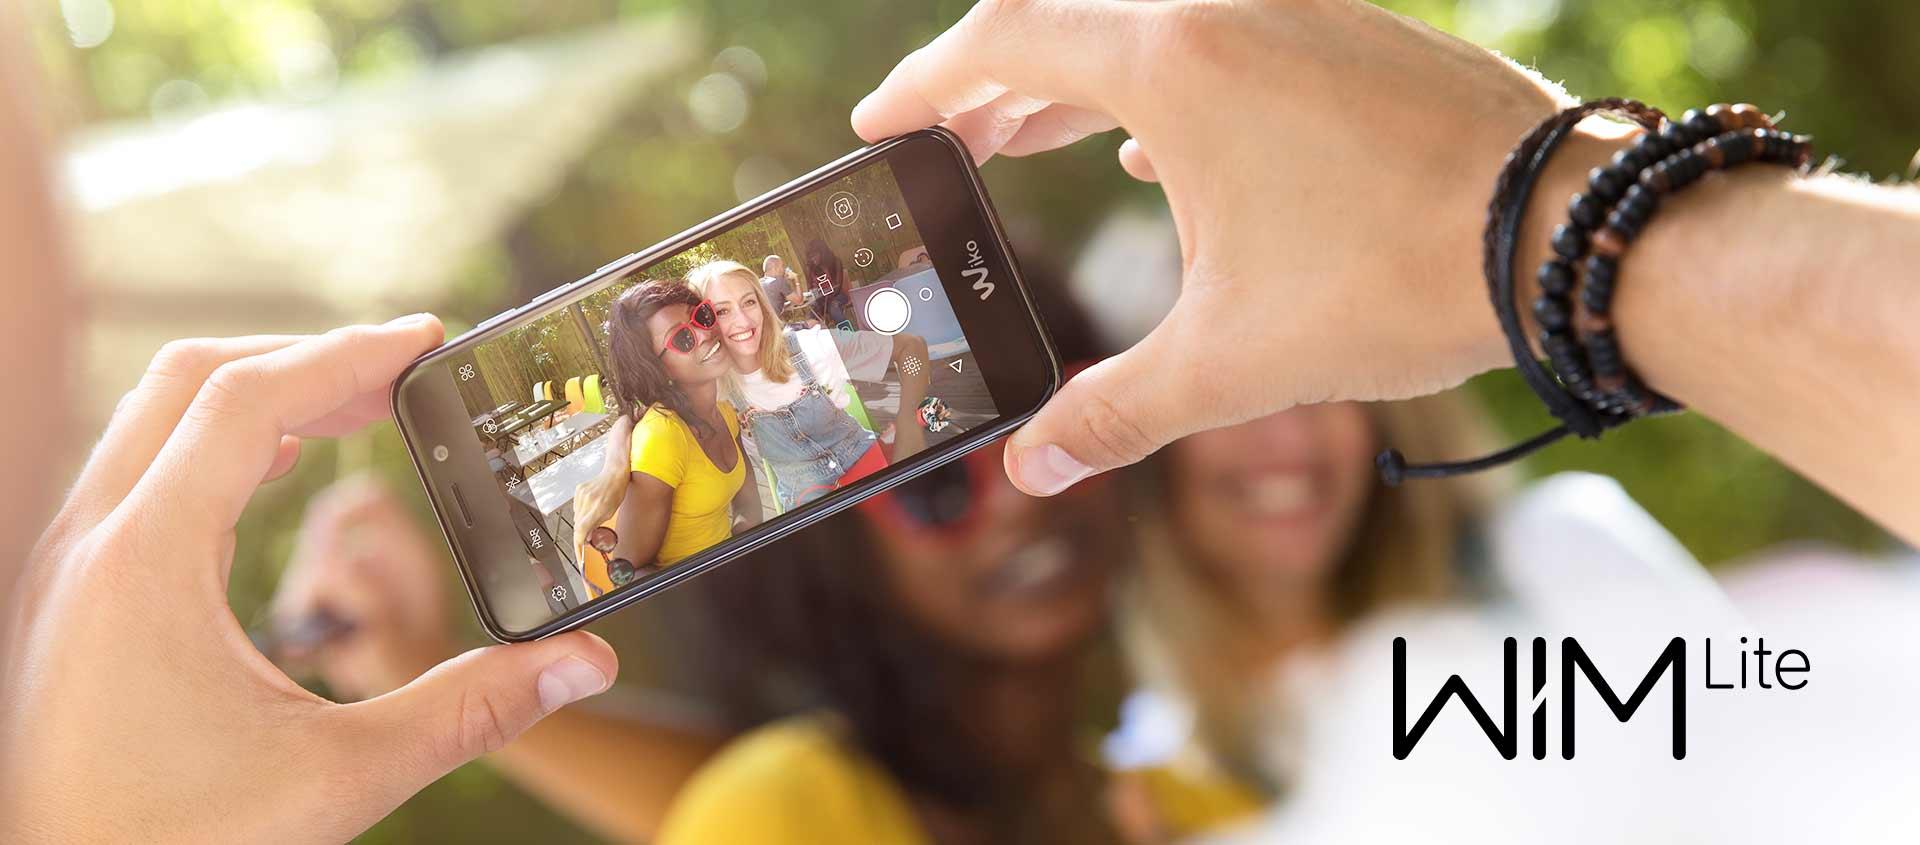 Tabletowo.pl Jeżeli nie chcesz wydać na smartfon więcej niż 500 zł, a oczekujesz dobrej specyfikacji, to oferta dla Ciebie Android Promocje Smartfony